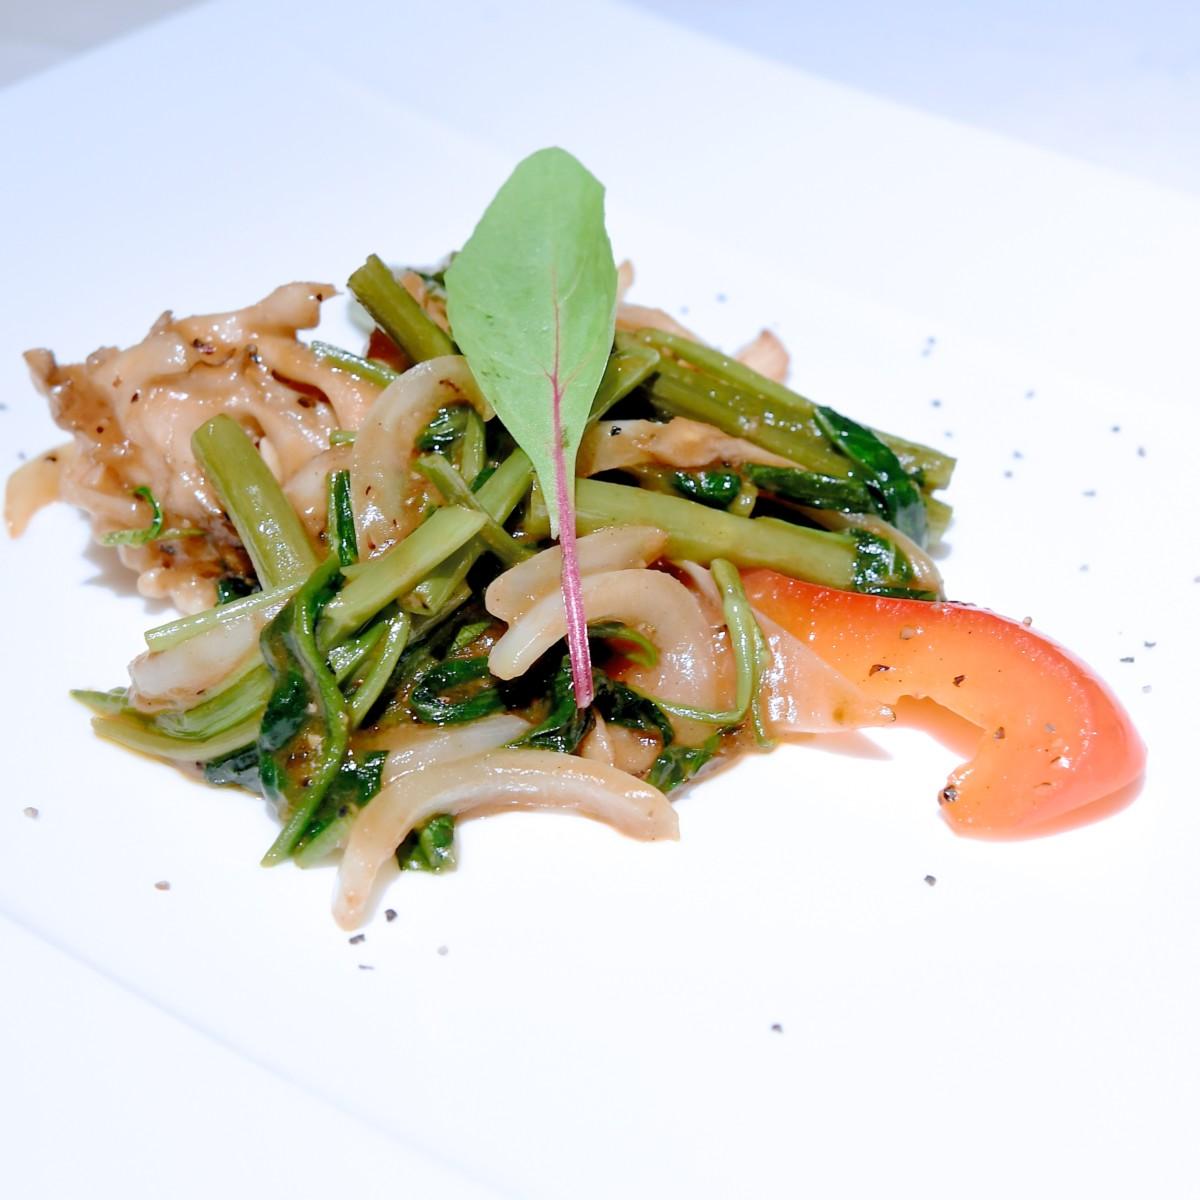 イカと野菜の黒胡椒炒め